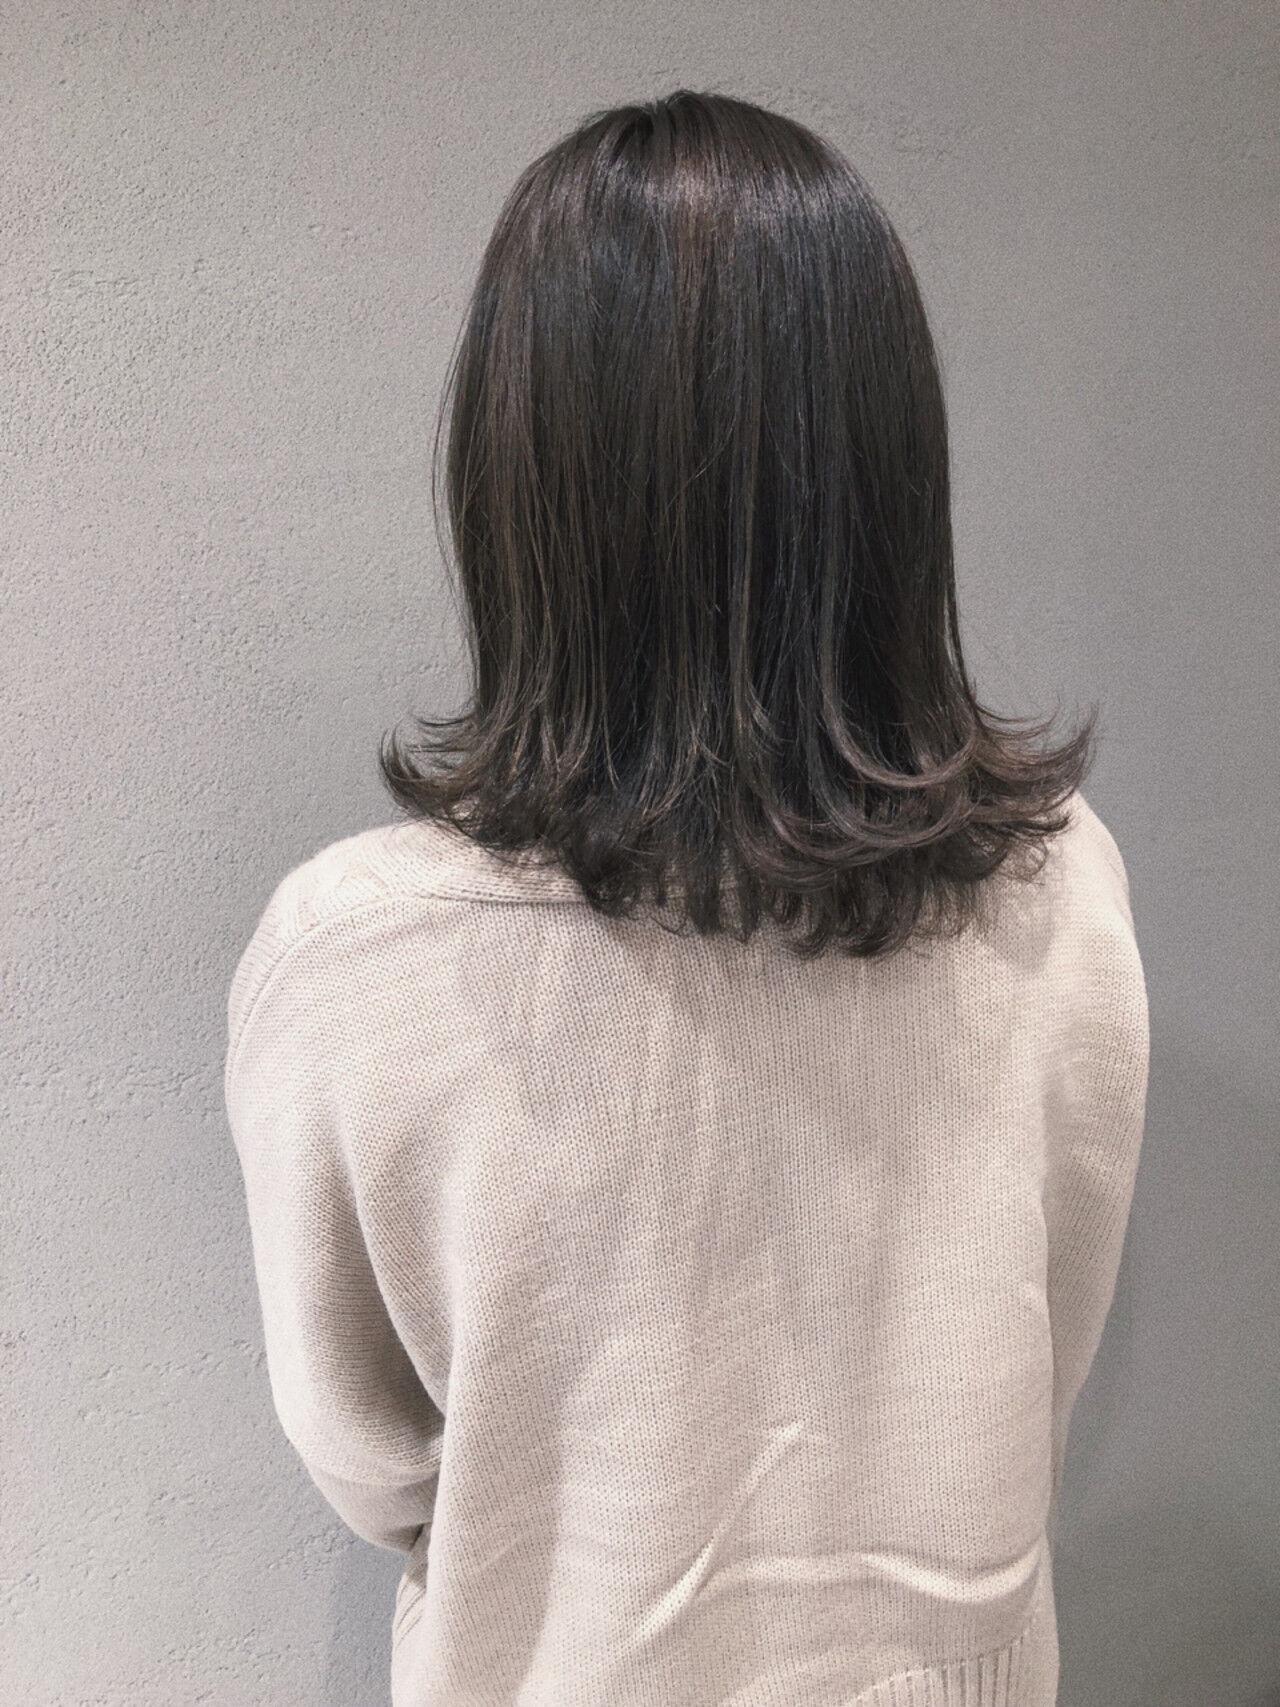 フェミニン ベージュ ブルージュ ミディアムヘアスタイルや髪型の写真・画像